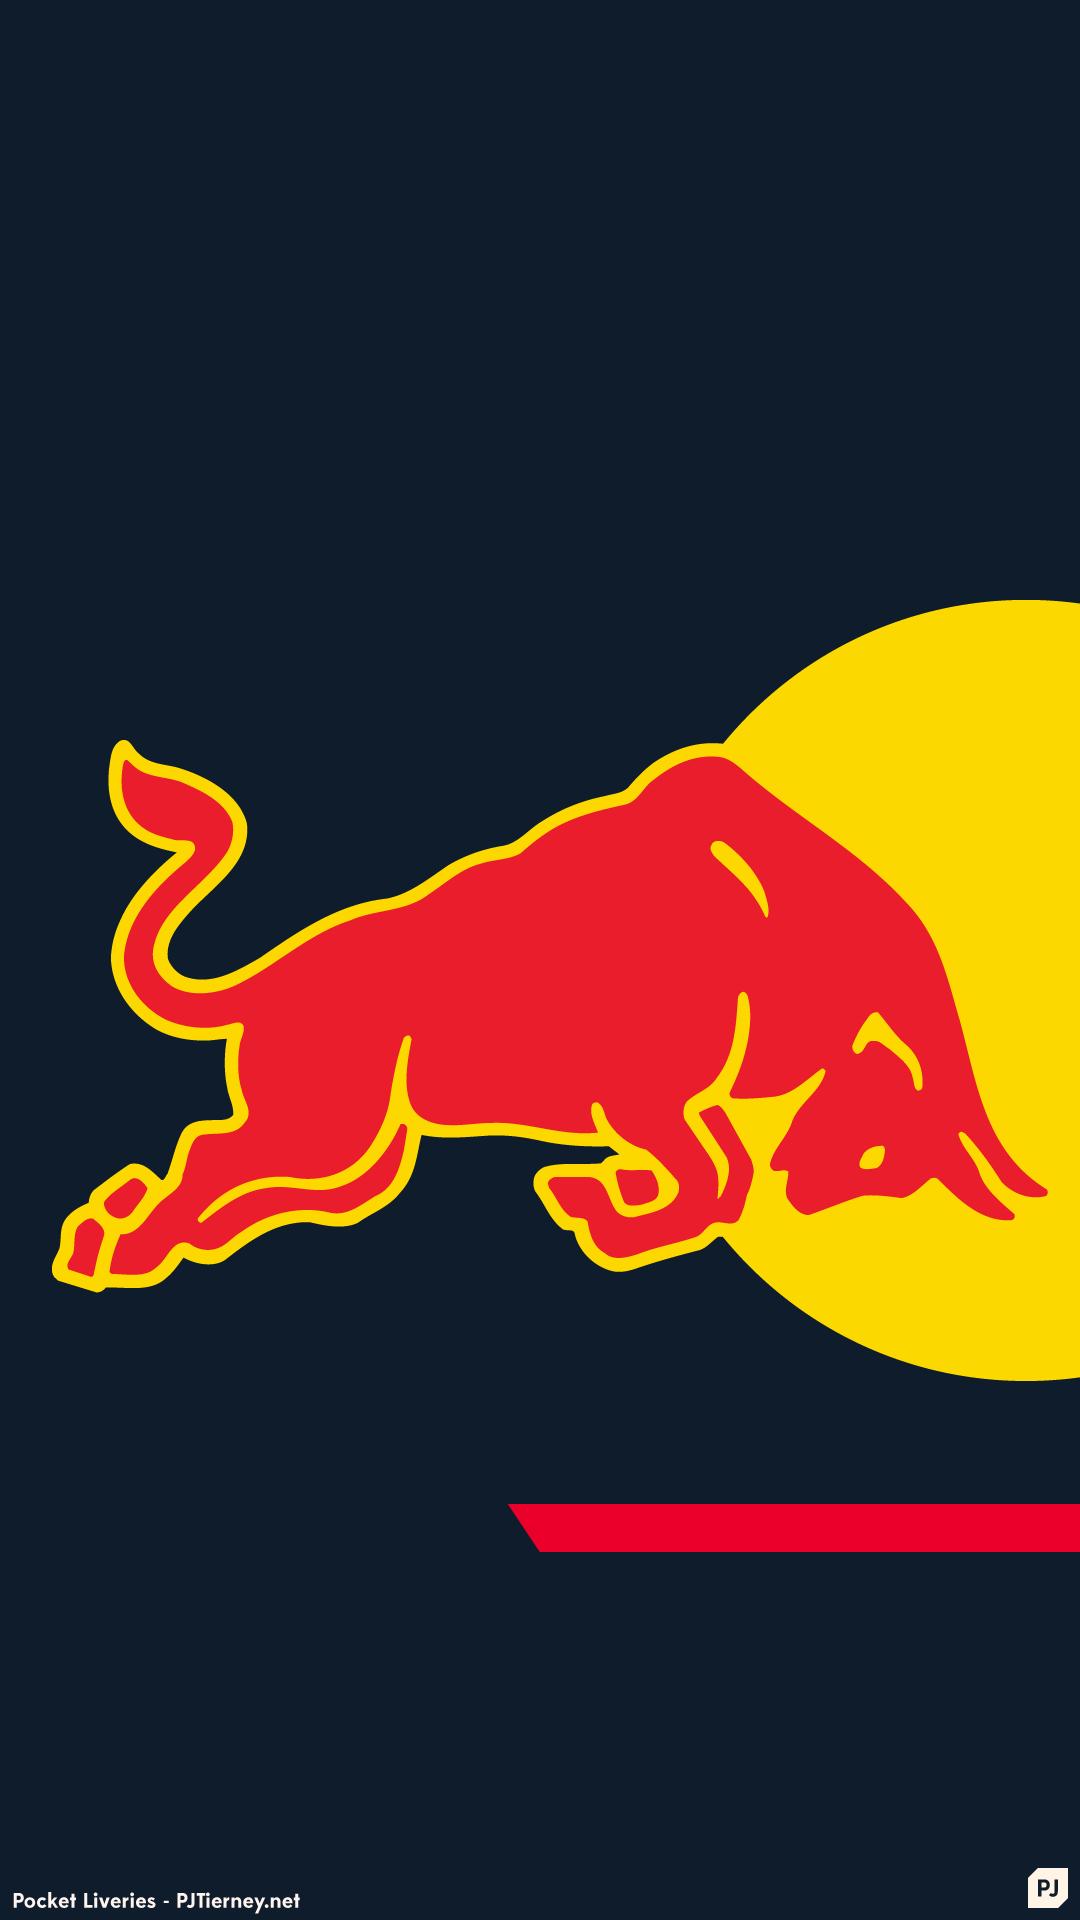 Red Bull Racing 1080x1920 Download Hd Wallpaper Wallpapertip